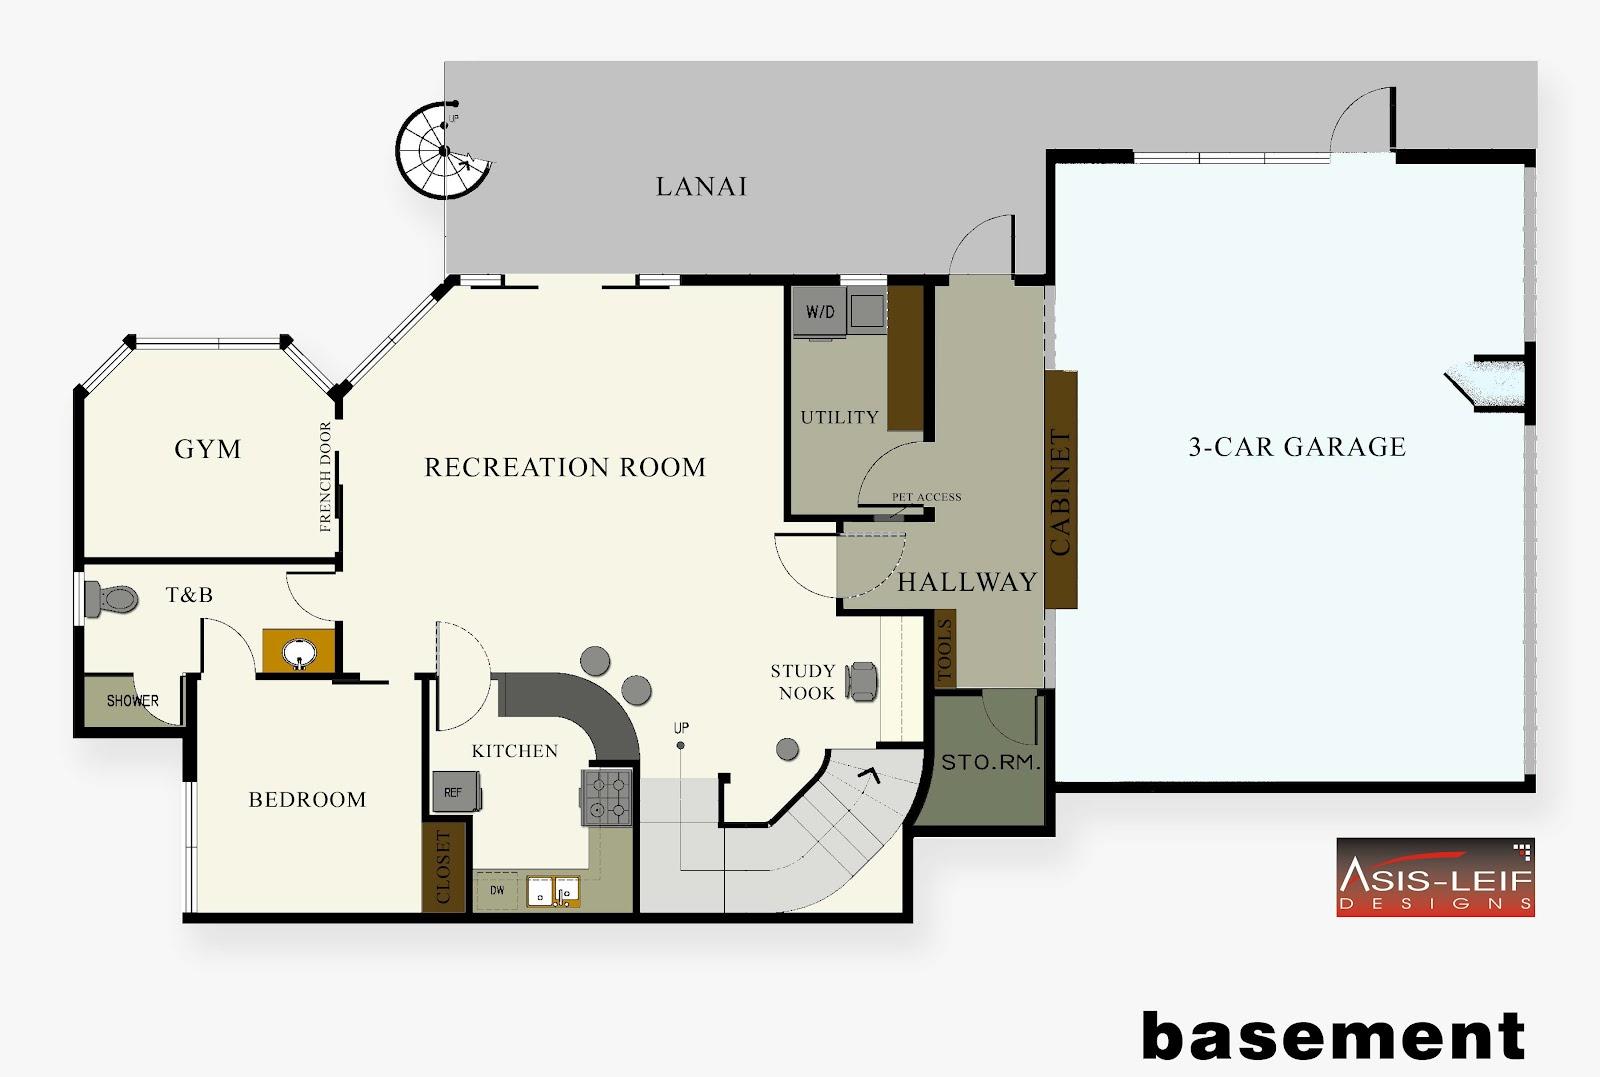 basement plans ideas photo - 9